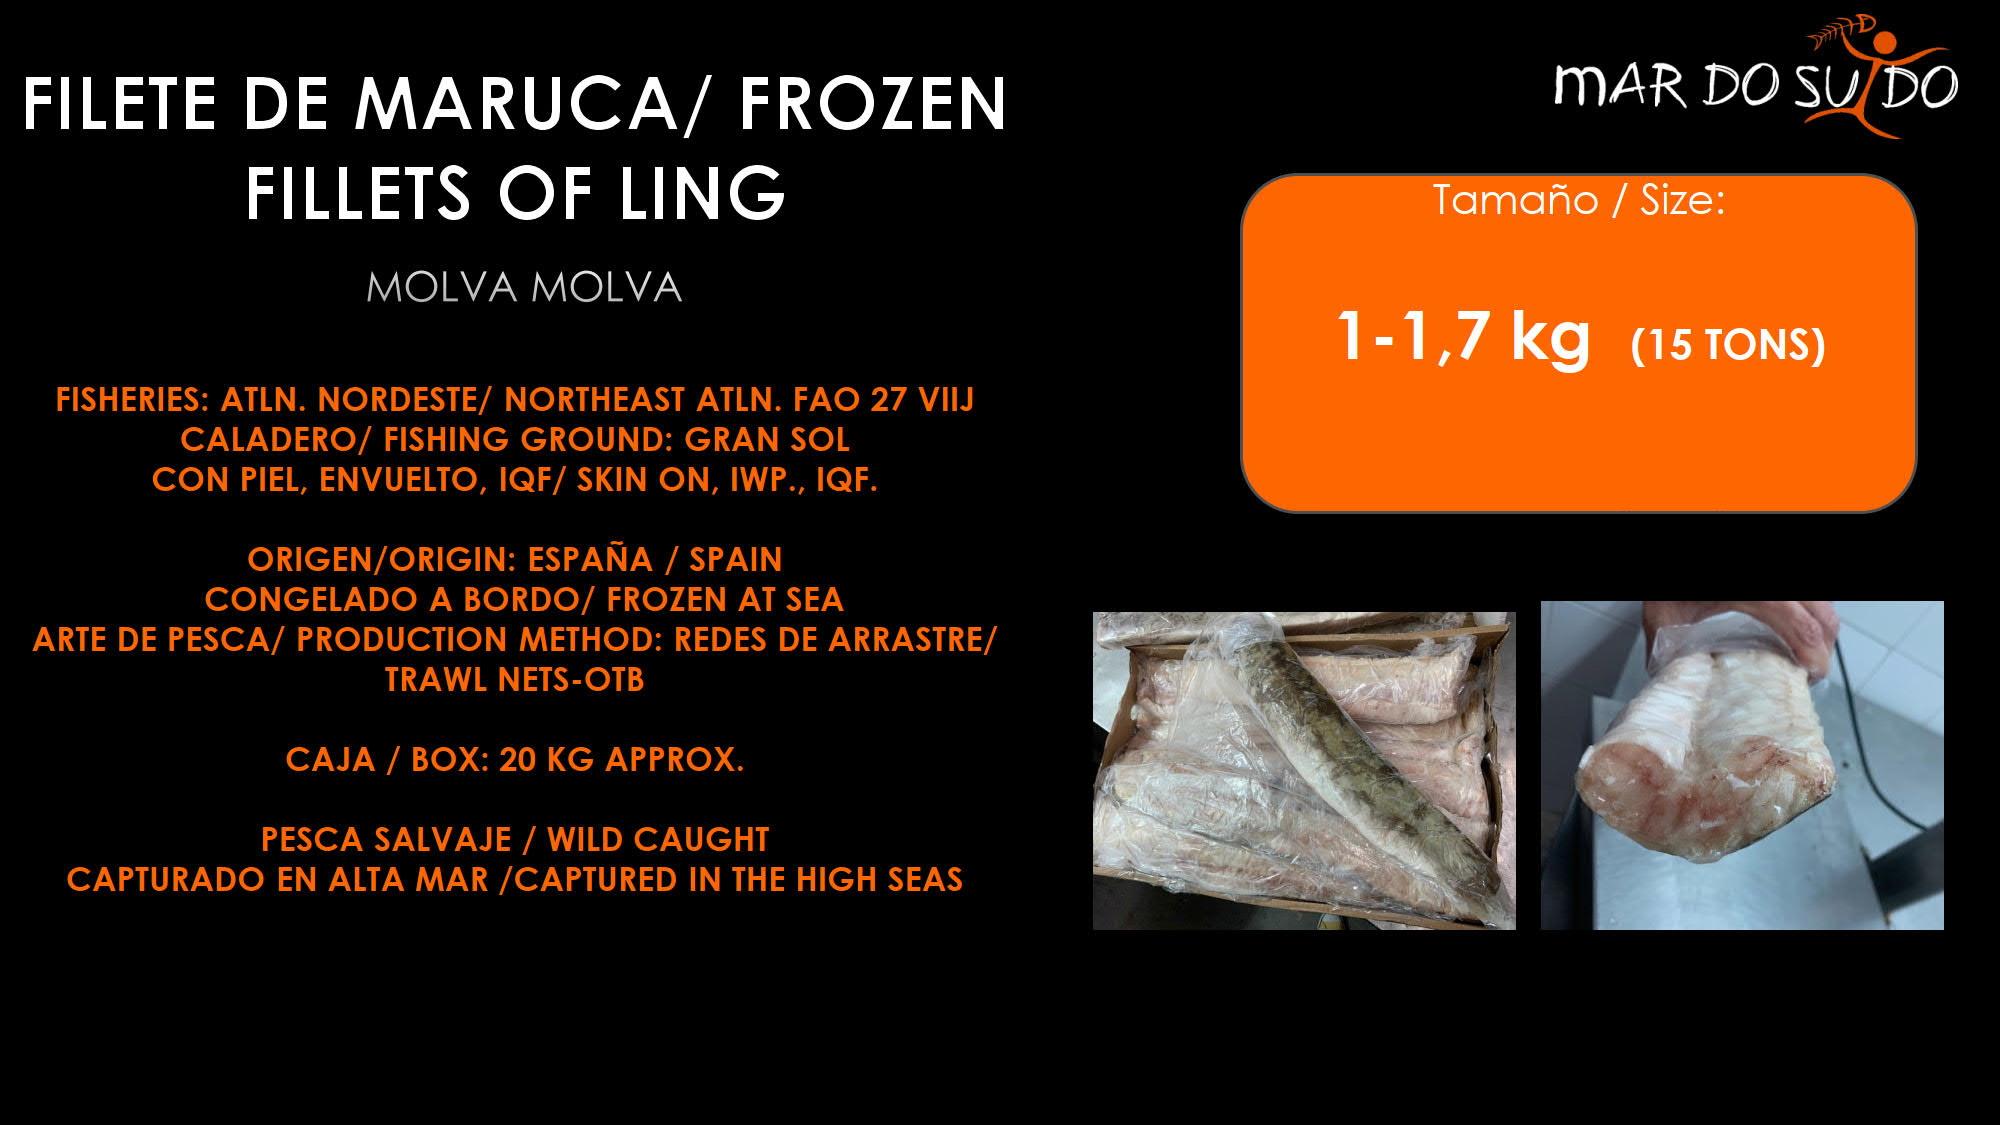 Oferta Destacada de Filete de Maruca - Frozen Fillets of Ling Special Offer